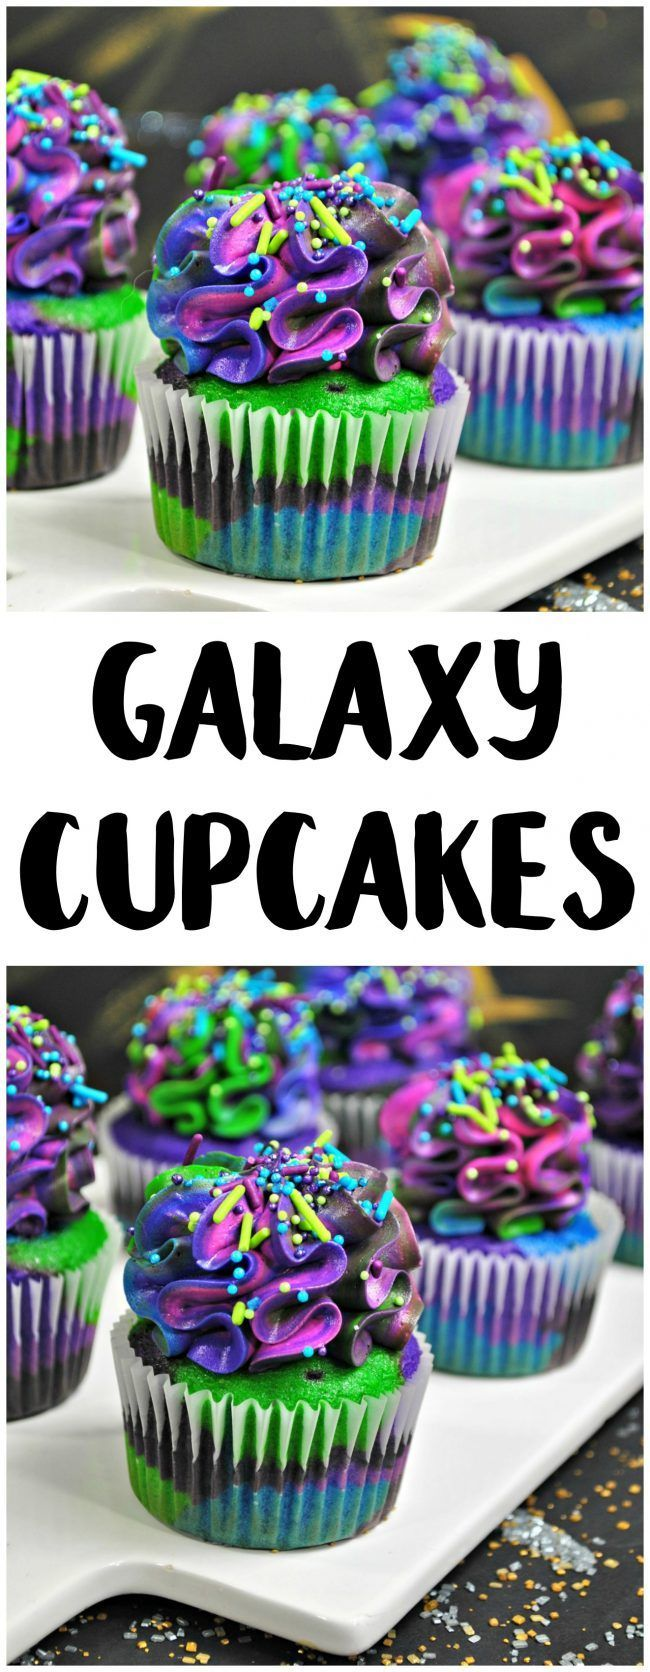 Solo: Ein Rezept für Star Wars Story Galaxy Cupcakes!   - other Sweet's -